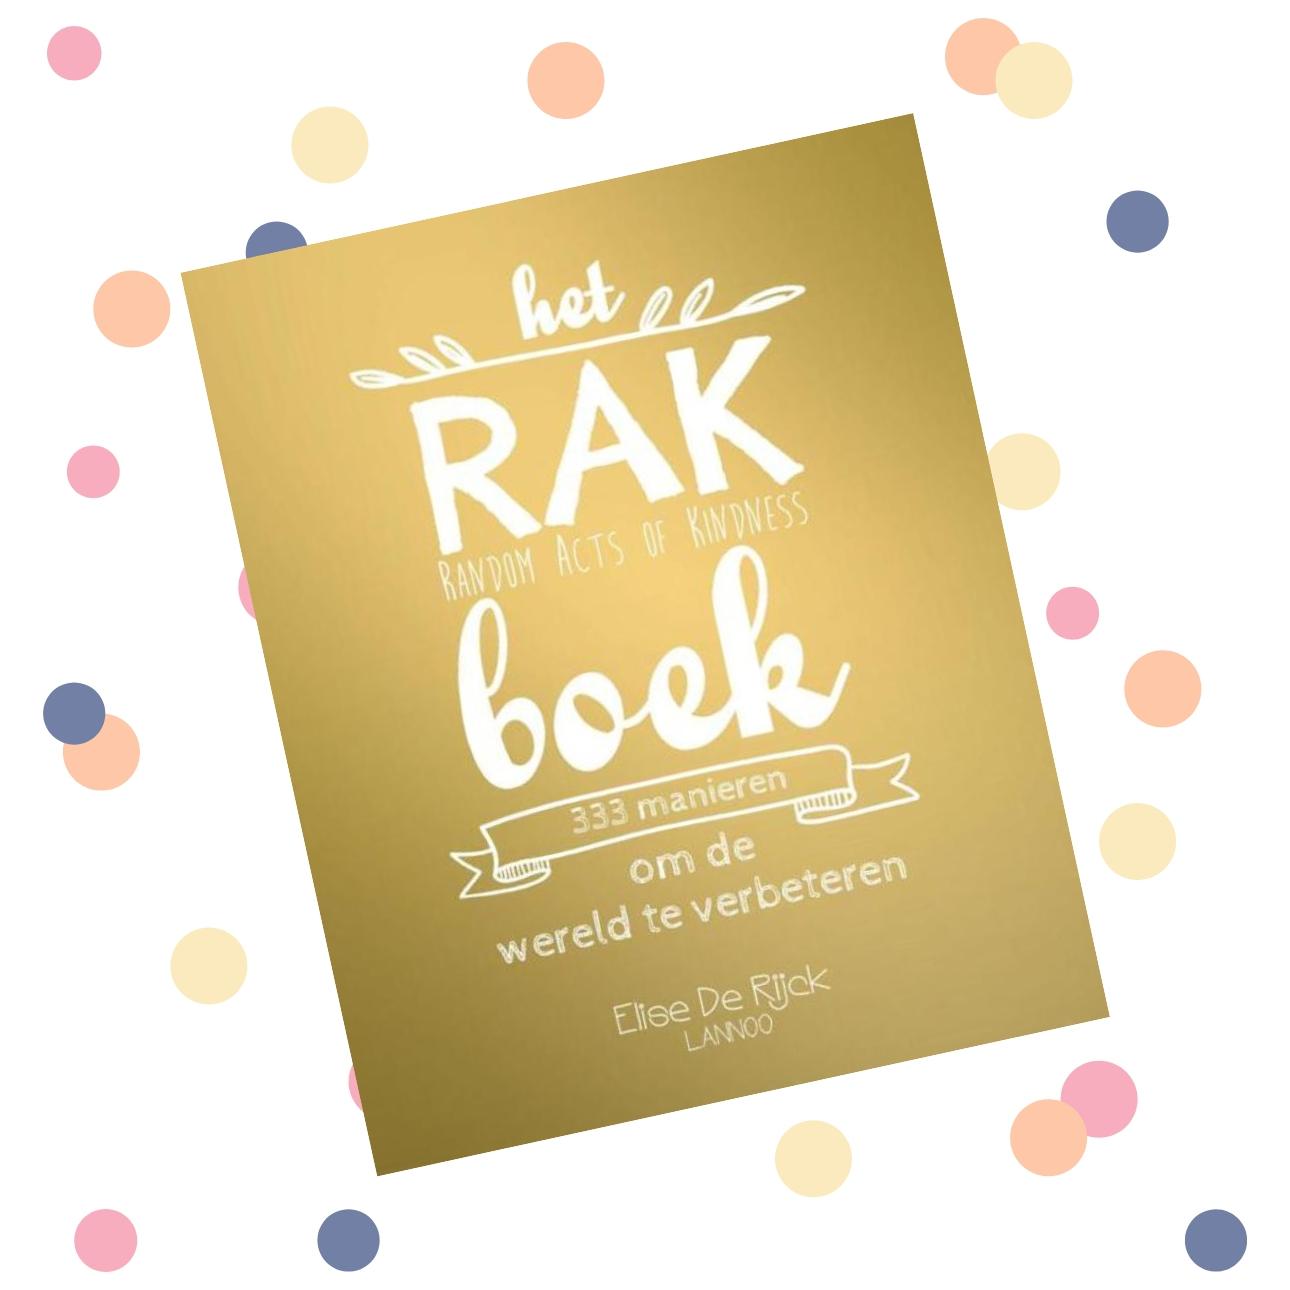 random acts of kindness dagboeken - rak boek